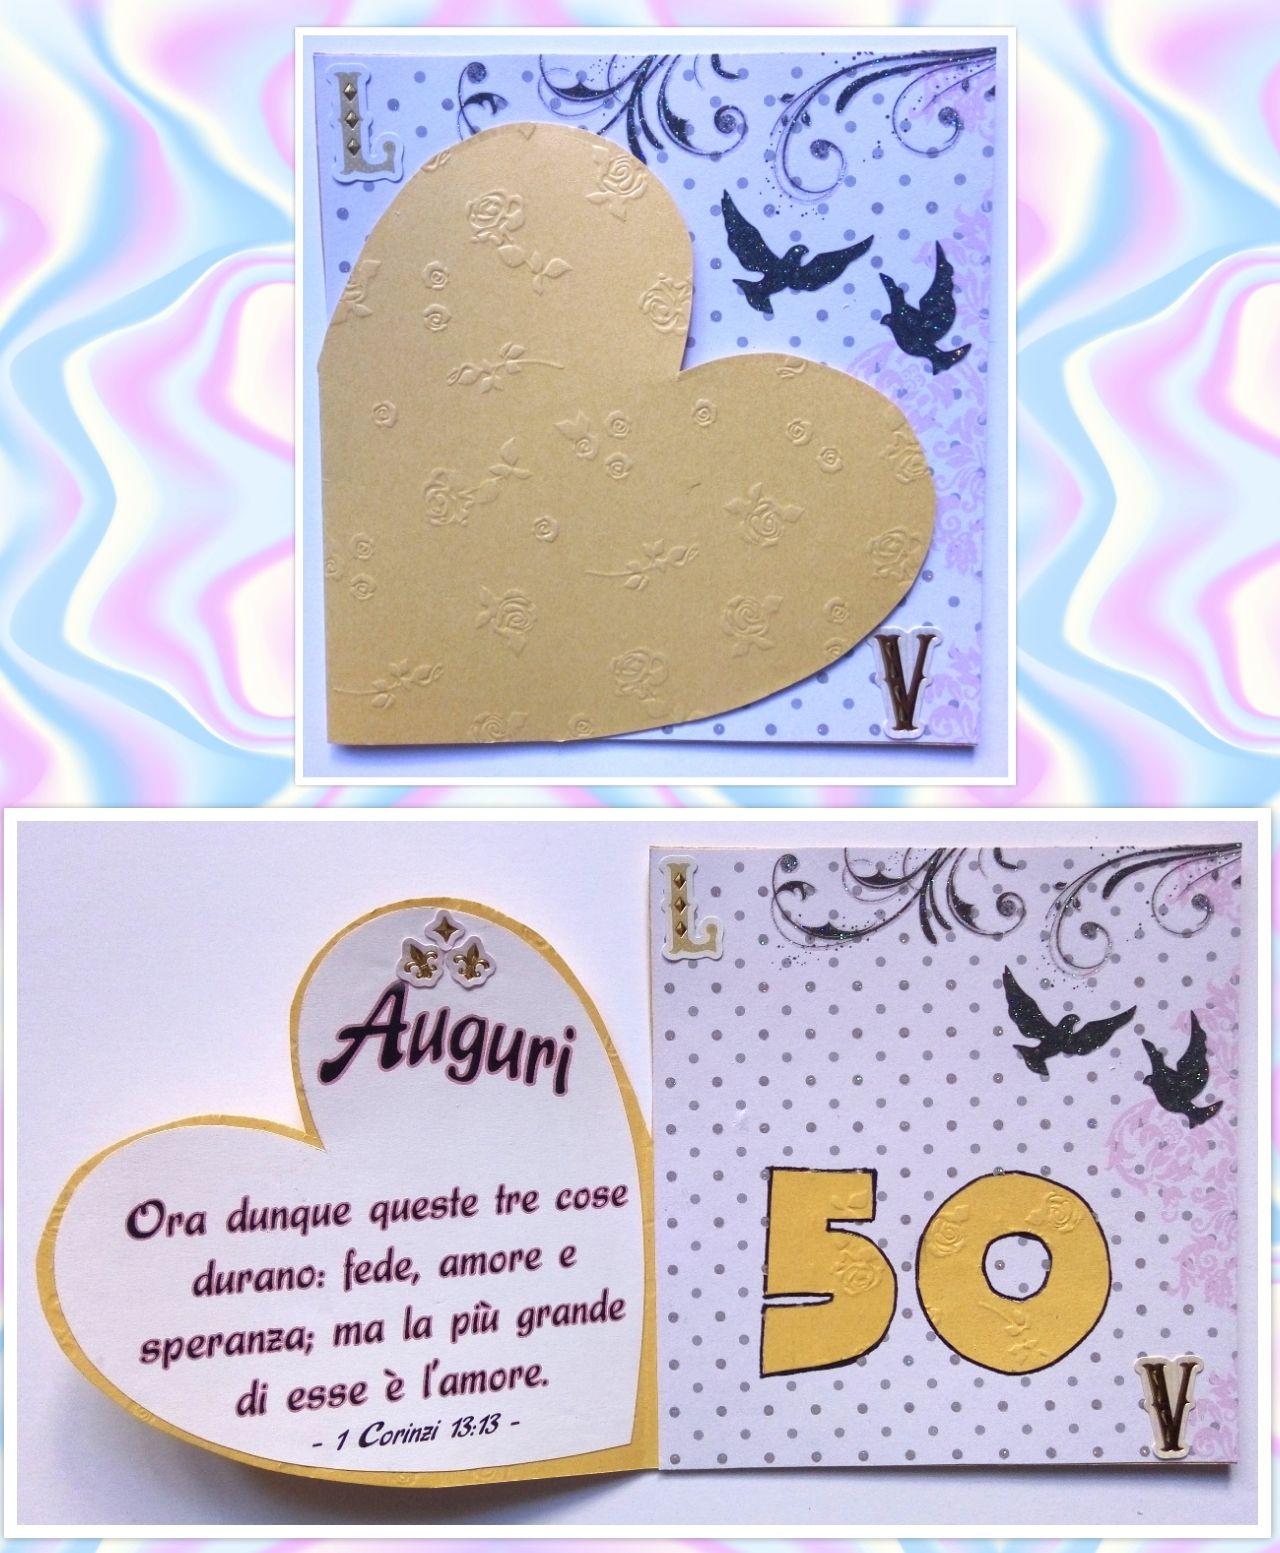 Biglietto Auguri Nozze Oro Anniversario Matrimonio 50 Anni Cuore Amore Biglietti Di Compleanno Biglietti Auguri Fai Da Te Anniversario